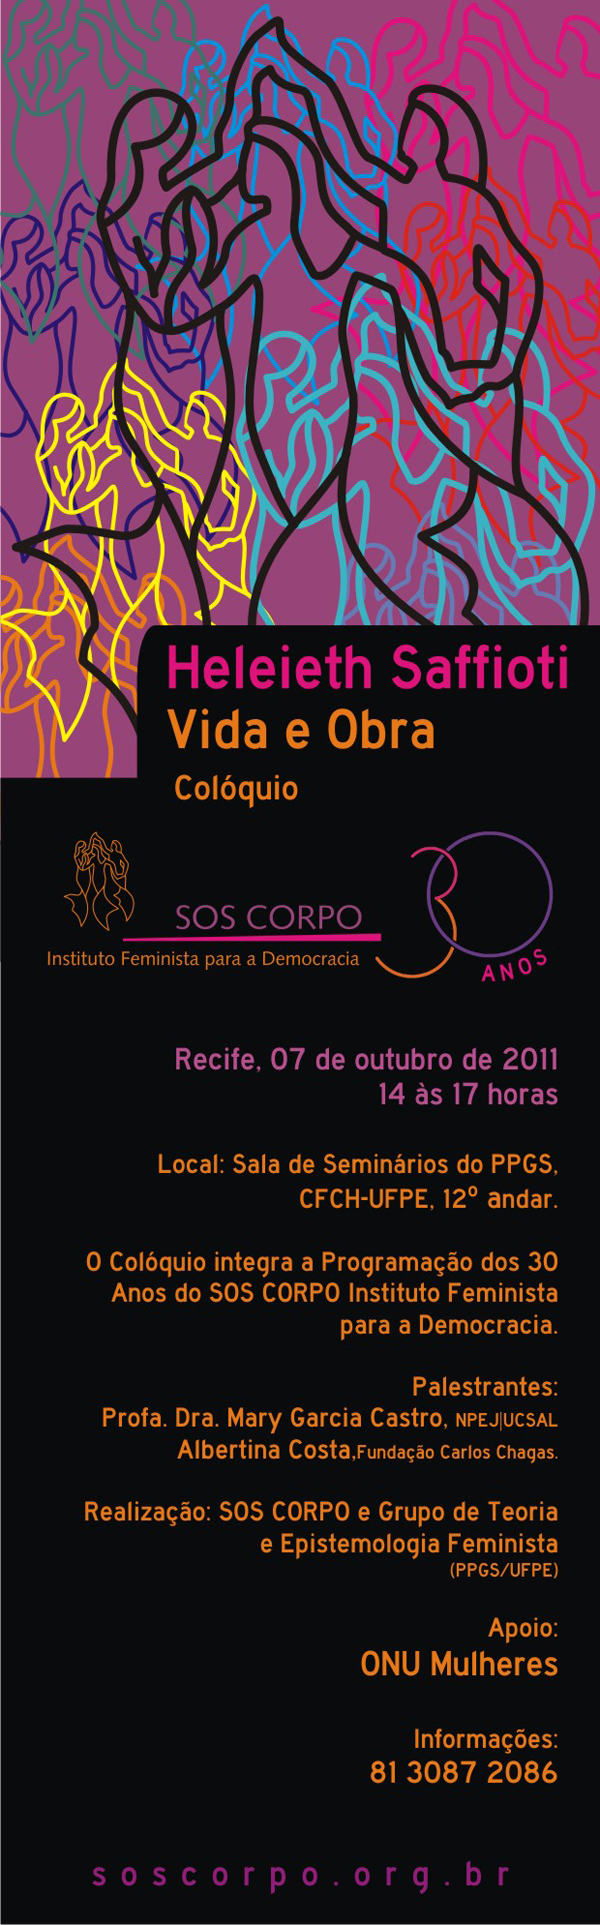 SOSCORPOcoloquio30anos